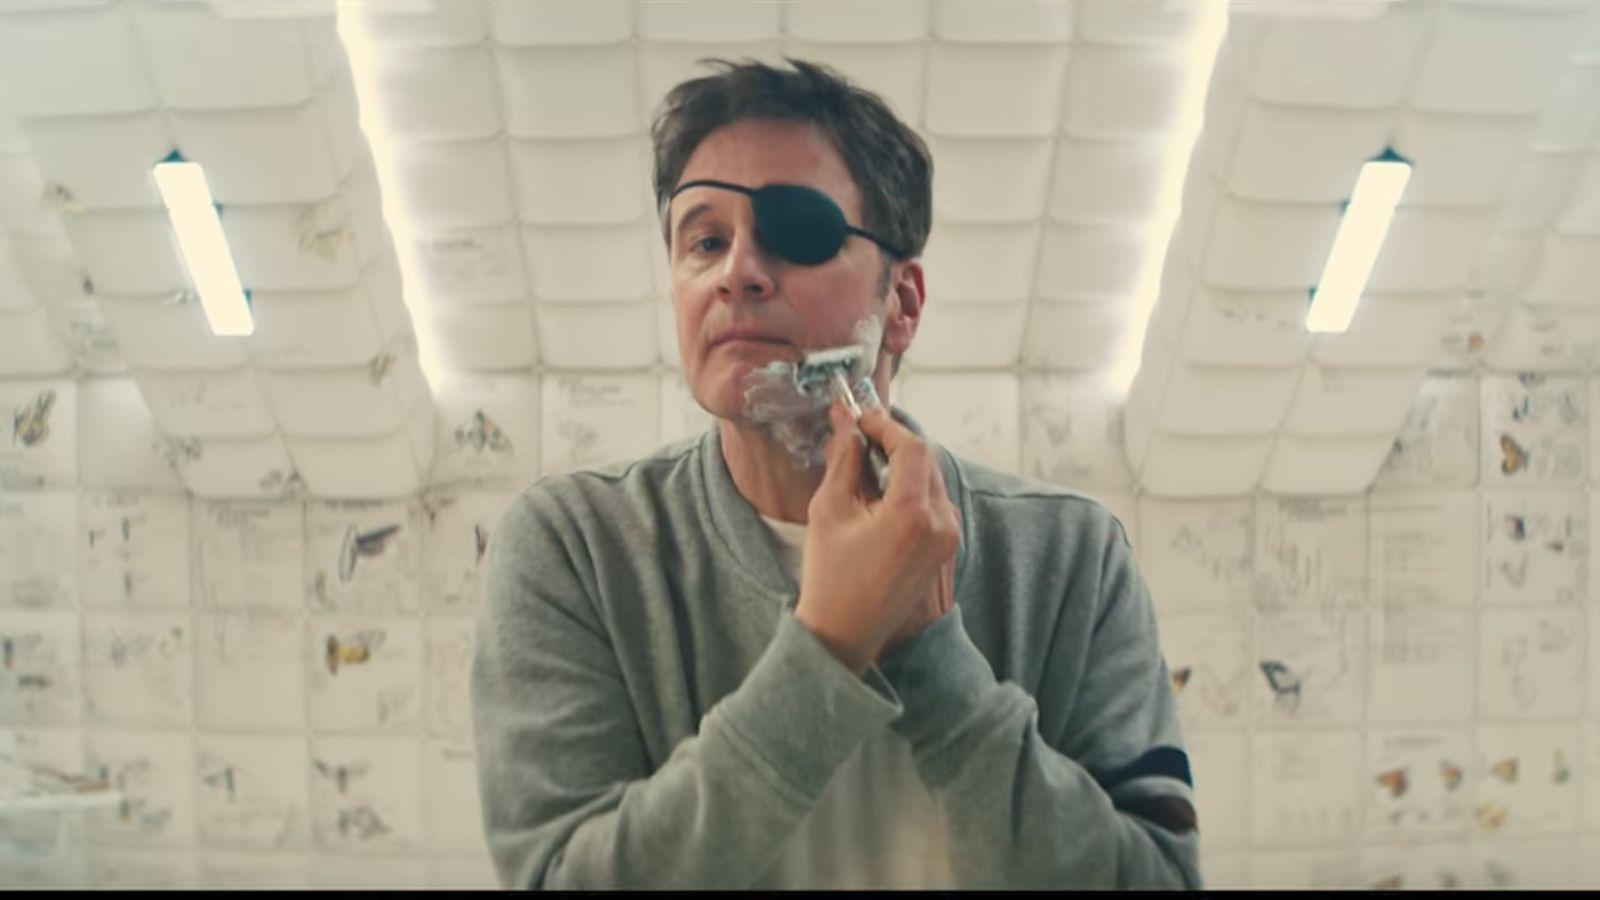 Imagem de Kingsman 2: O Círculo Dourado mostra Harry (Colin Firth) fazendo a barba diante de um espelho e usando um tapa-olho no olho esquerdo.